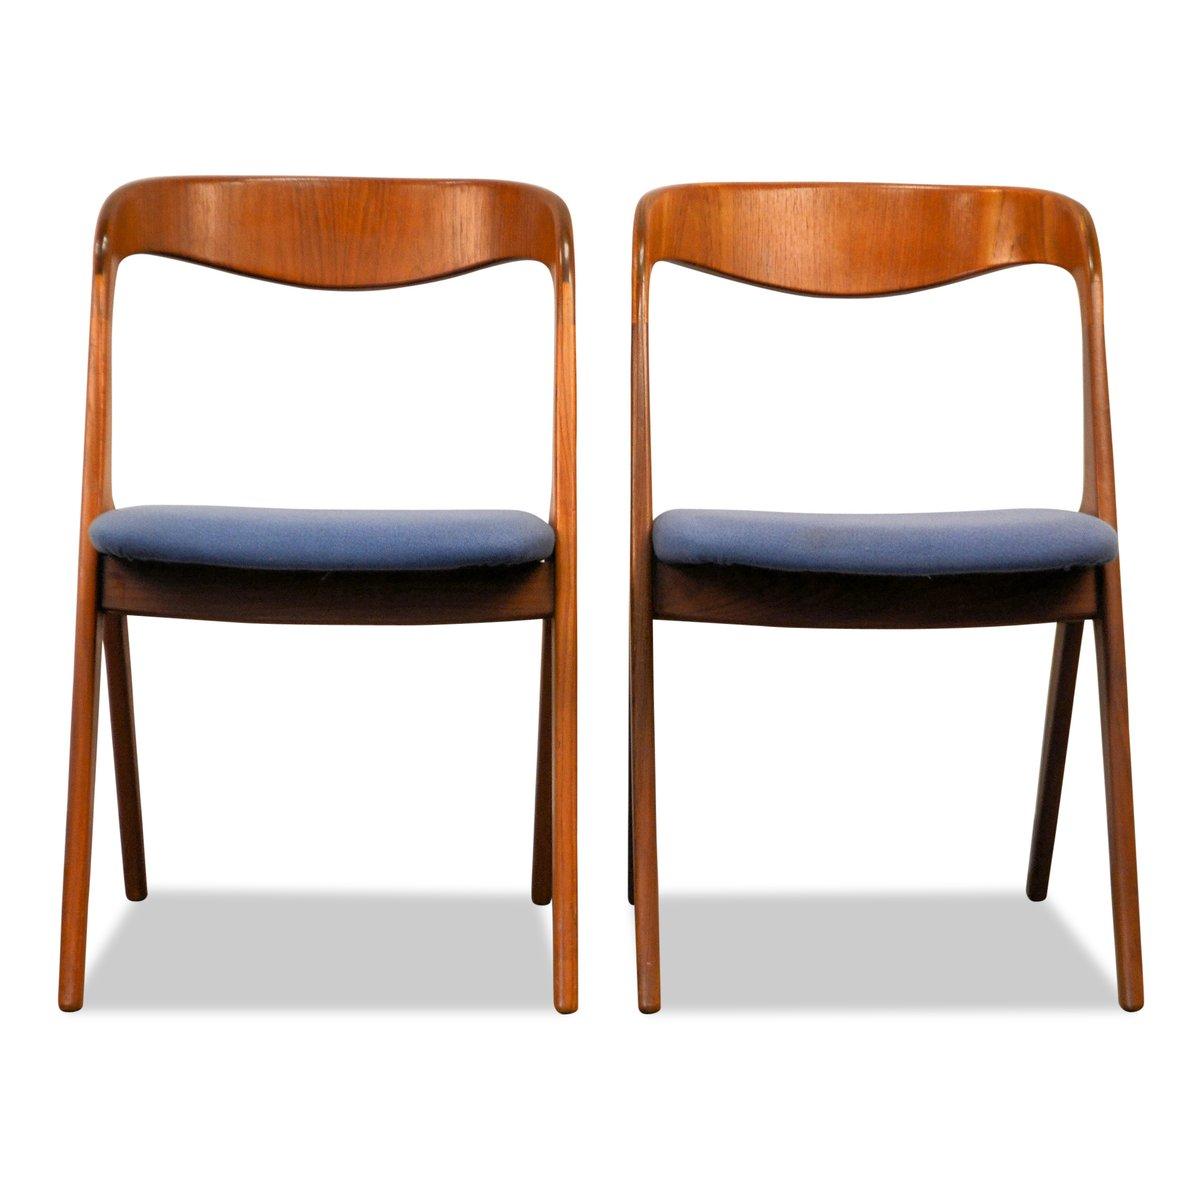 d nische teak st hle von vamo m belfabrik 2er set bei pamono kaufen. Black Bedroom Furniture Sets. Home Design Ideas